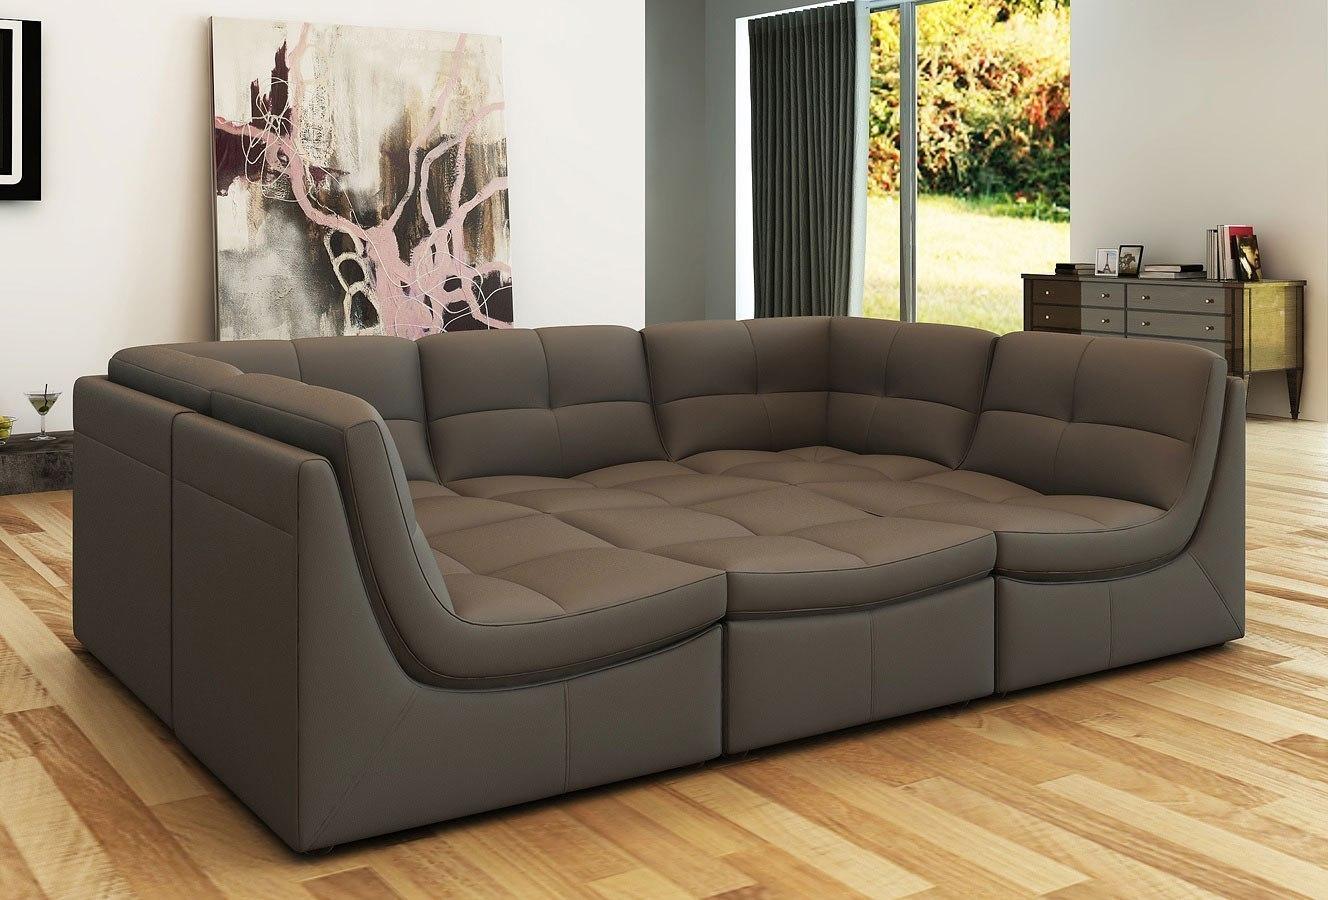 Lego 6 Piece Modular Sectional Grey Jm Furniture Furniture Cart